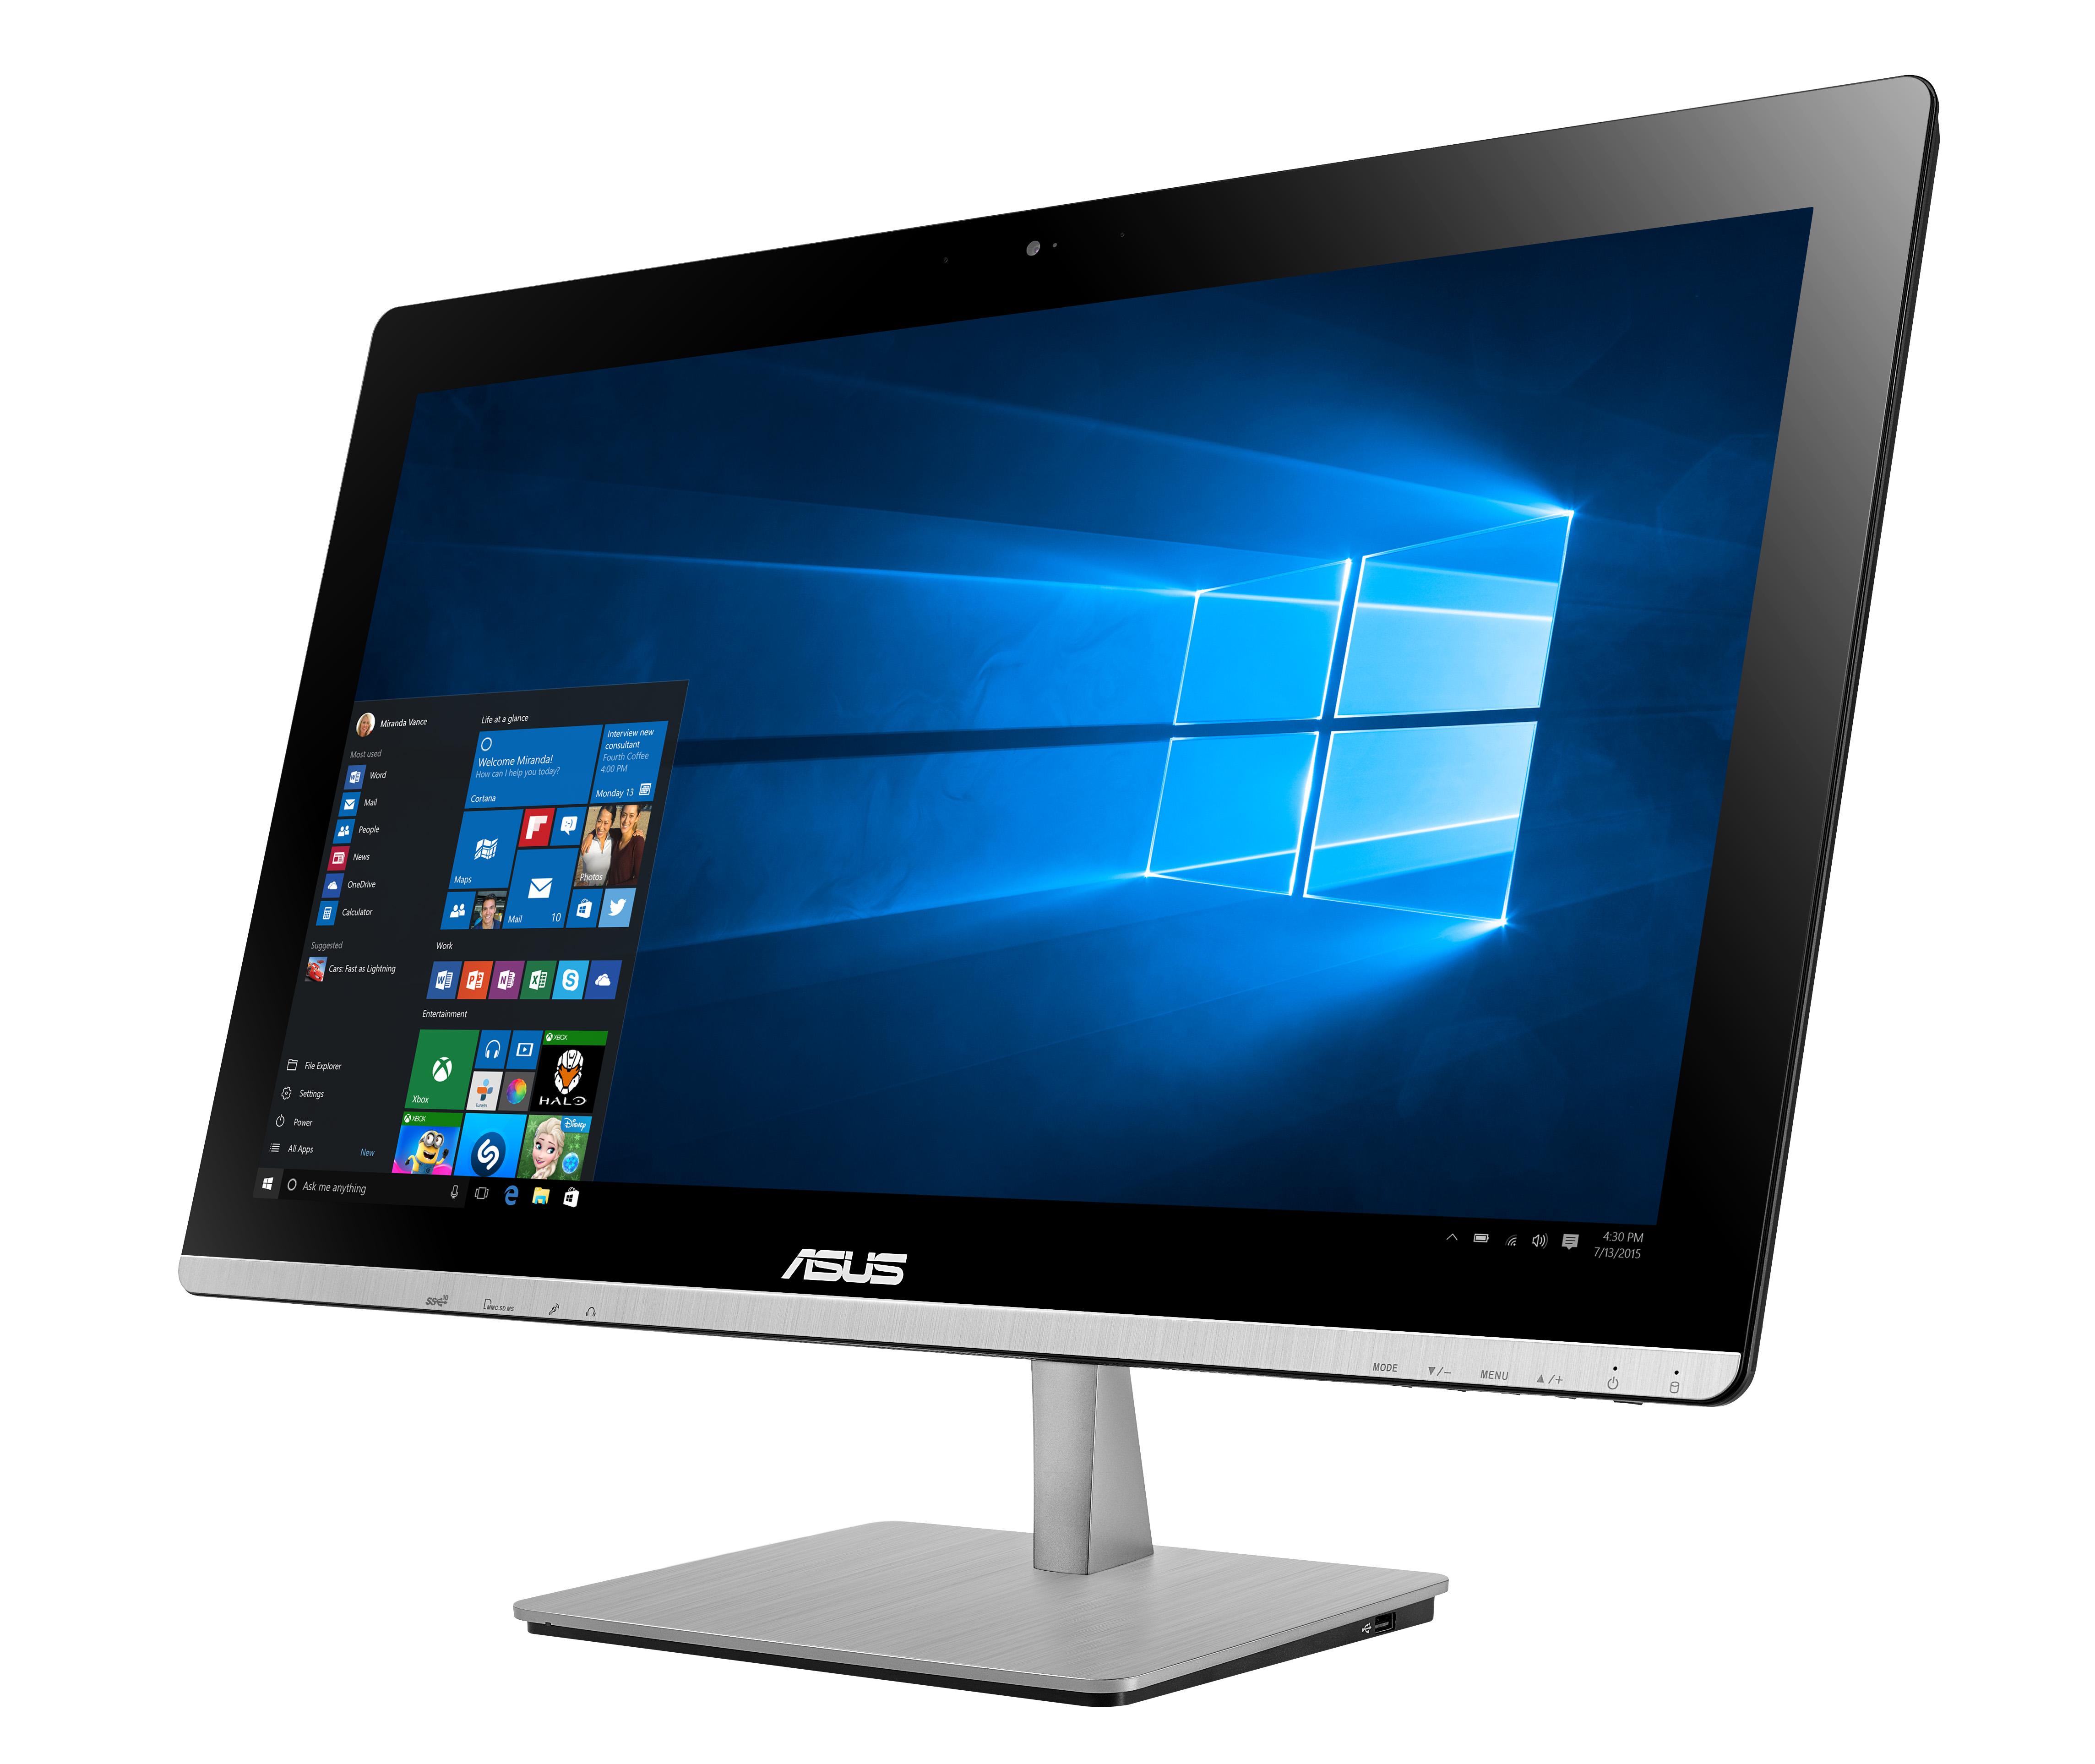 ASUS AIO V230 23T/i7-6700T/2TB/8G/BT/W10 černý